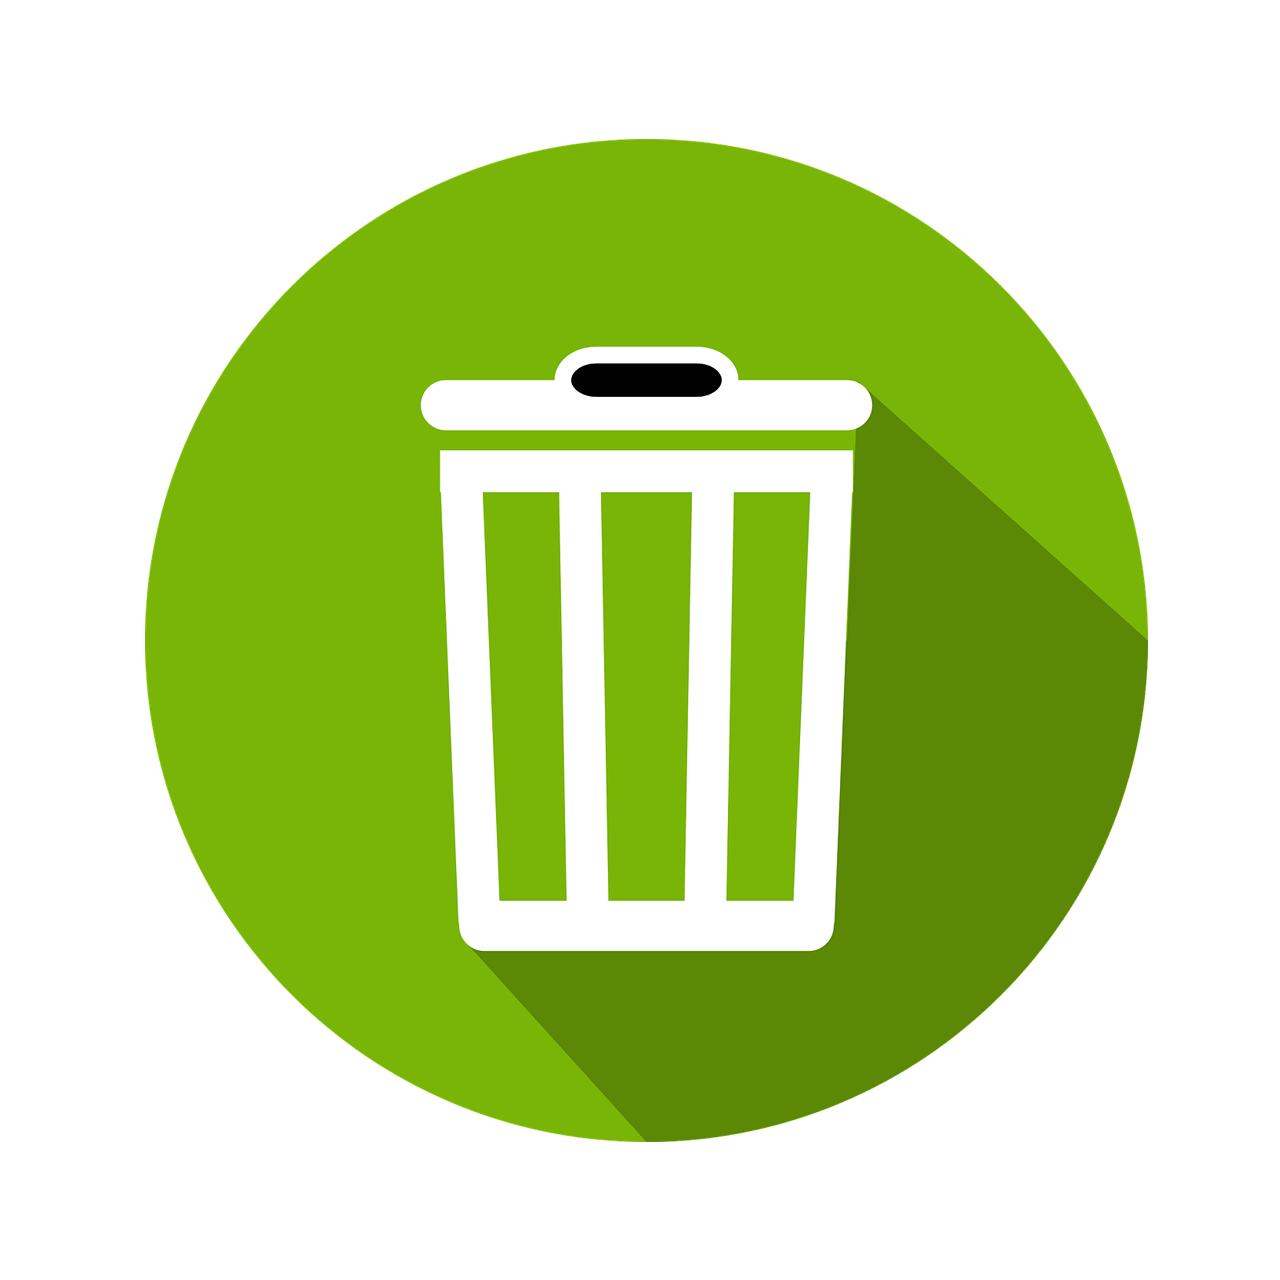 yd bin rental. Garbage clipart proper disposal garbage